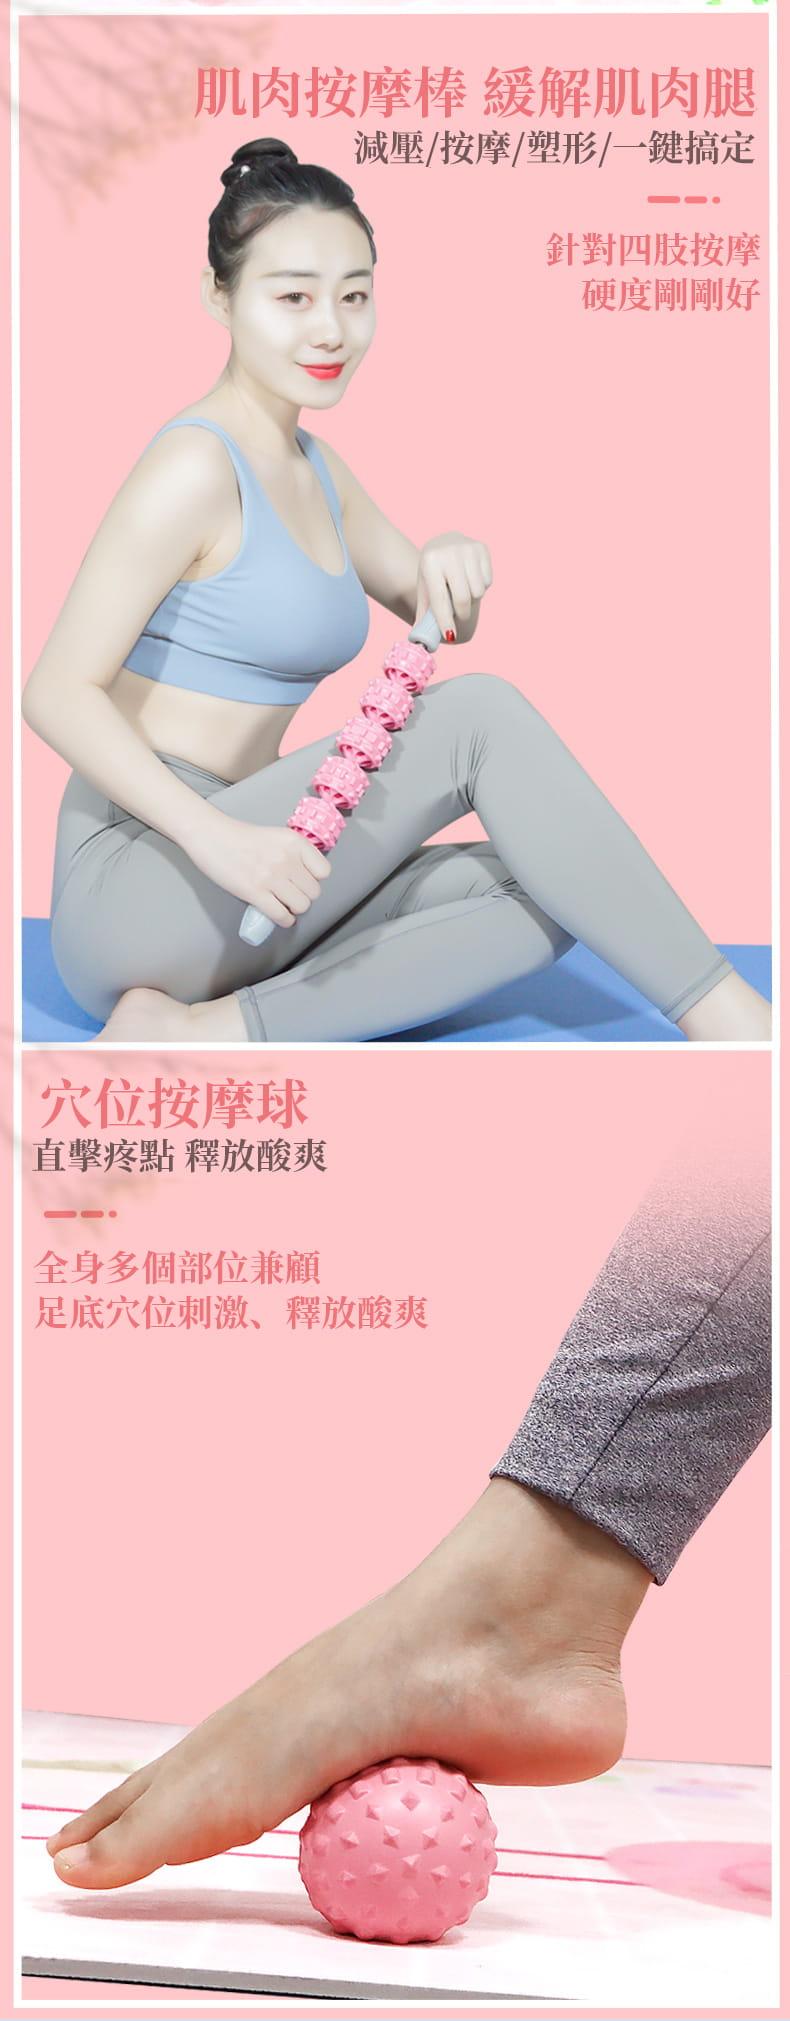 泡沫軸肌肉放松瑜伽柱瘦小腿狼牙棒按摩滾軸部健身器材瑯琊棒滾輪 6